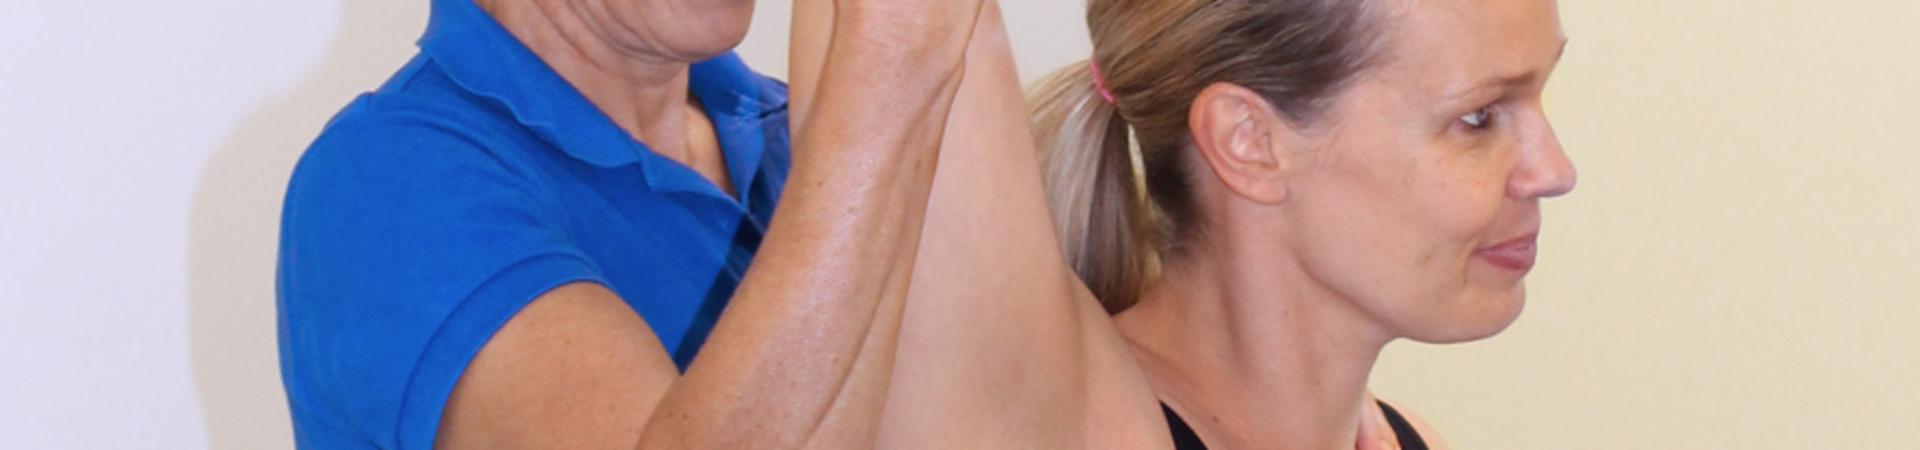 spierscheur bovenarm behandeling